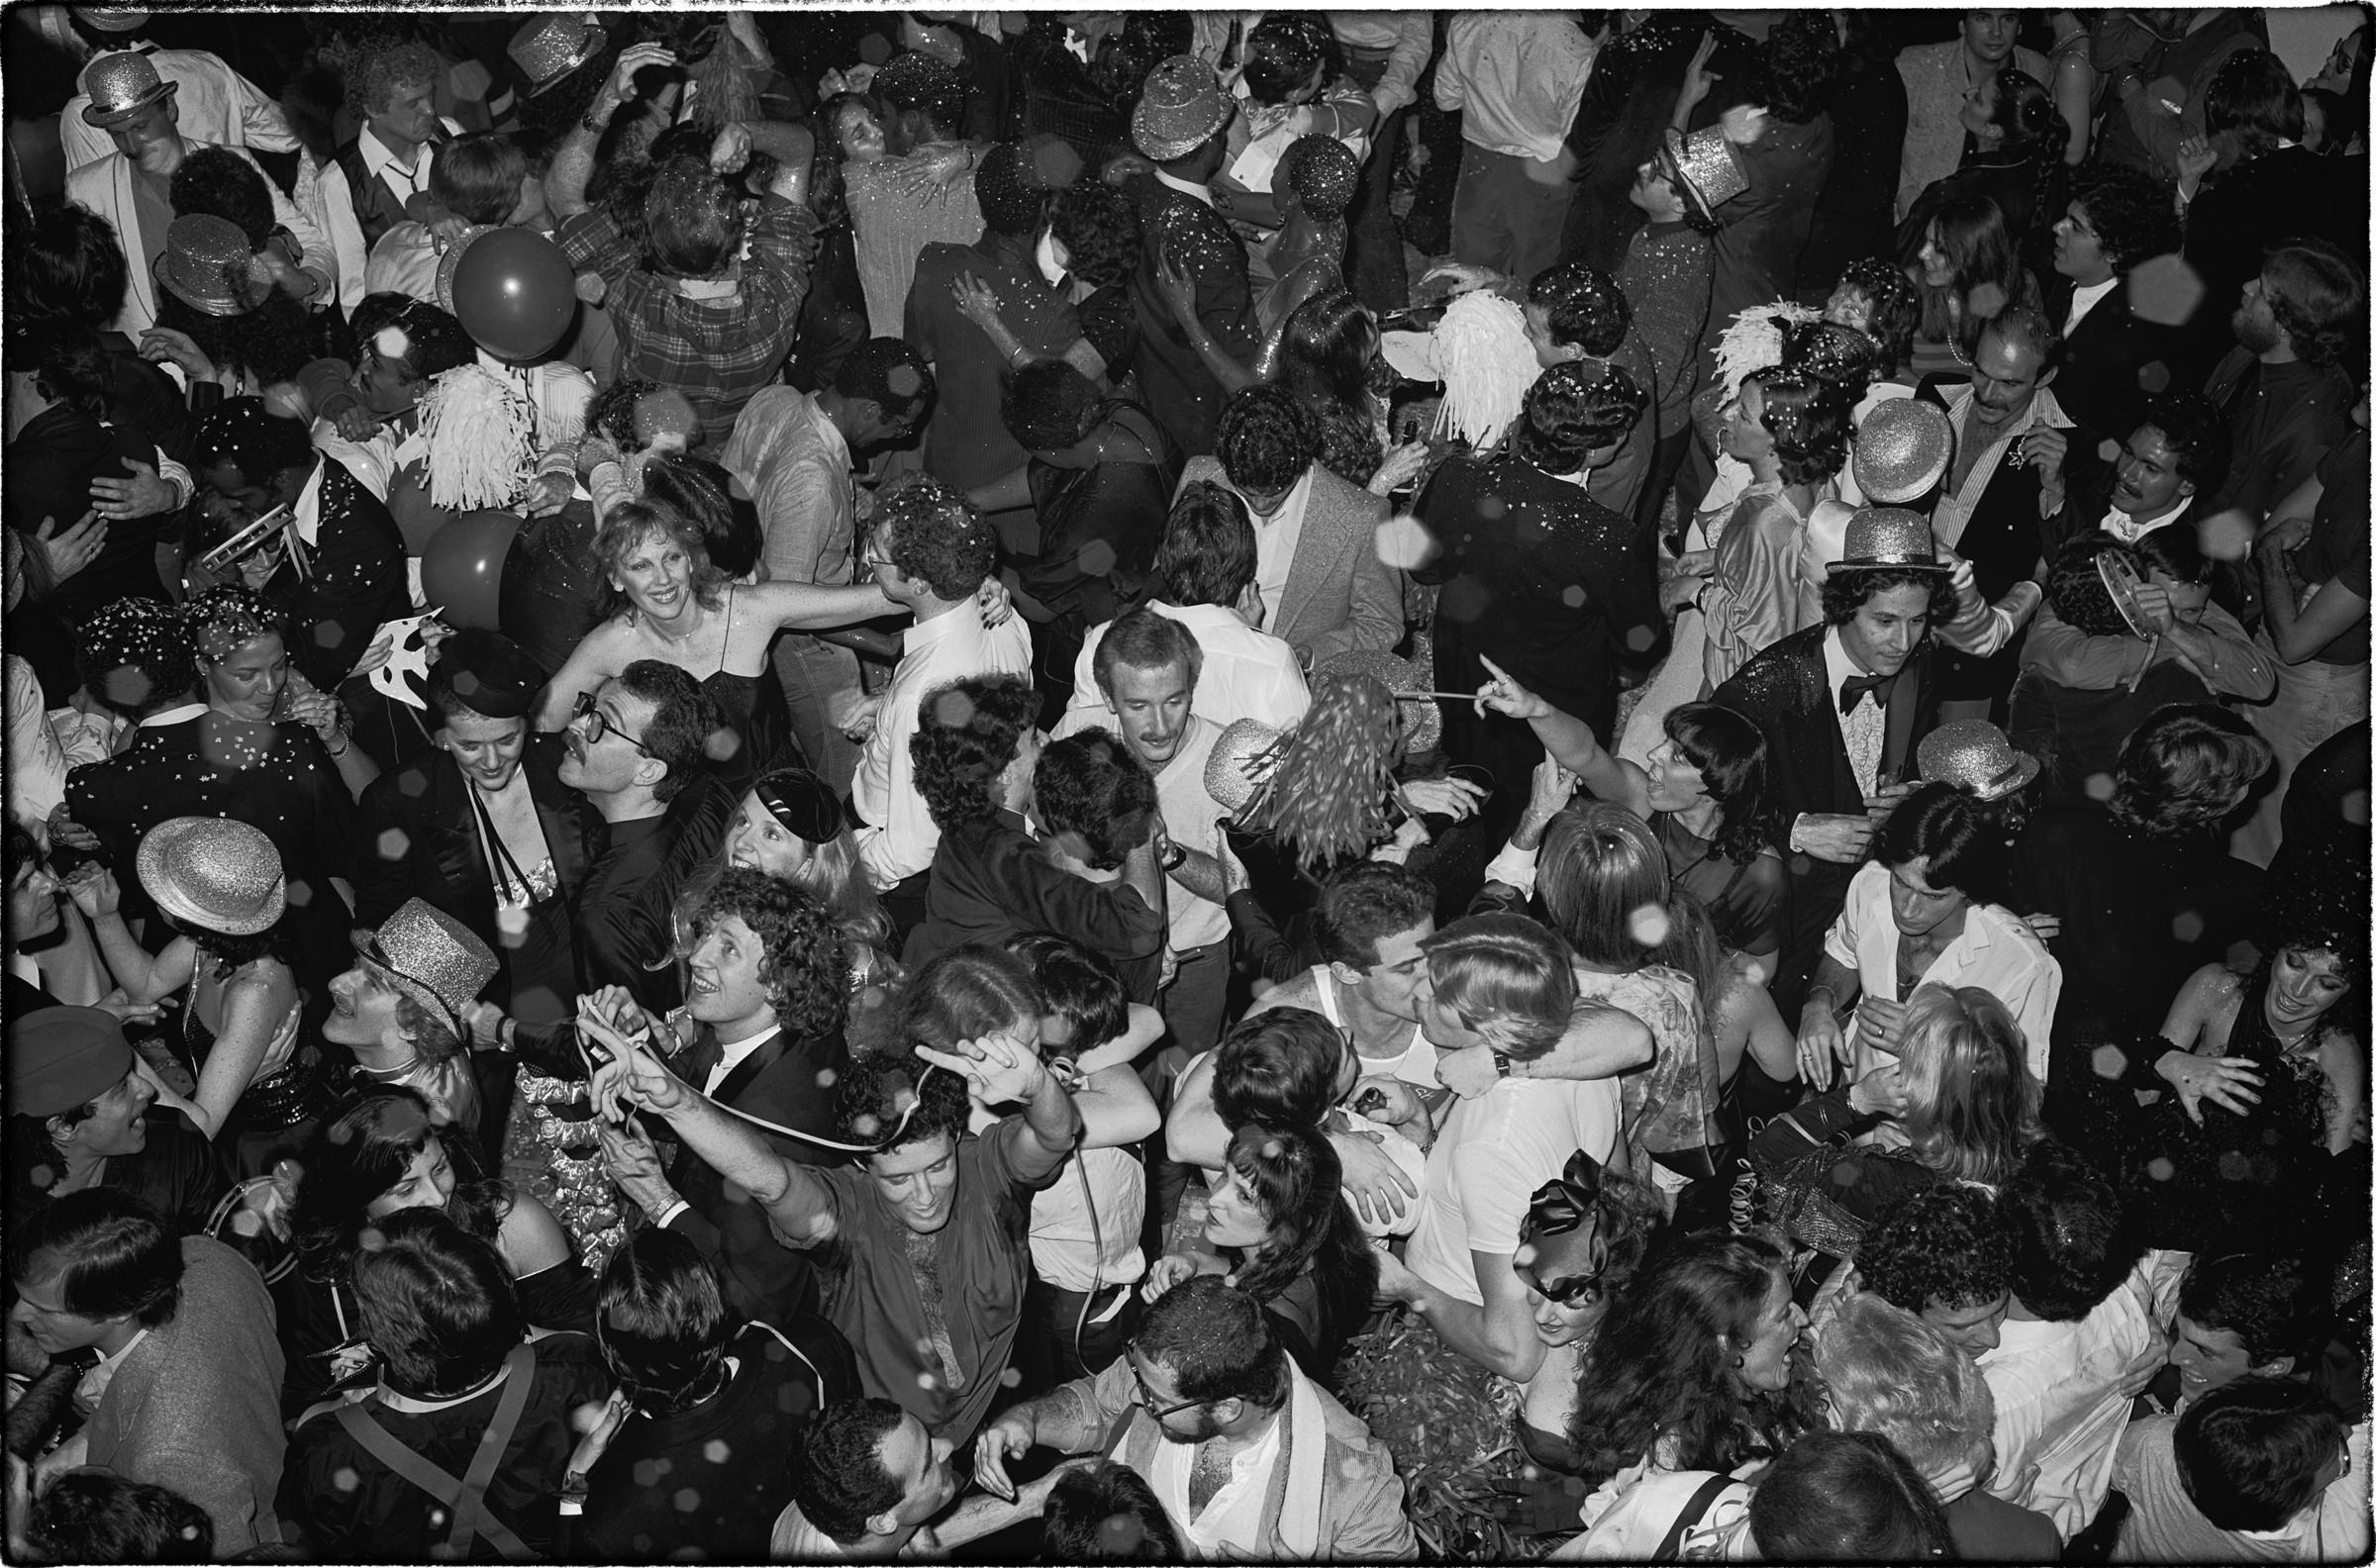 Новогодняя вечеринка в «Студия 54». Фотограф Тод Пападжордж